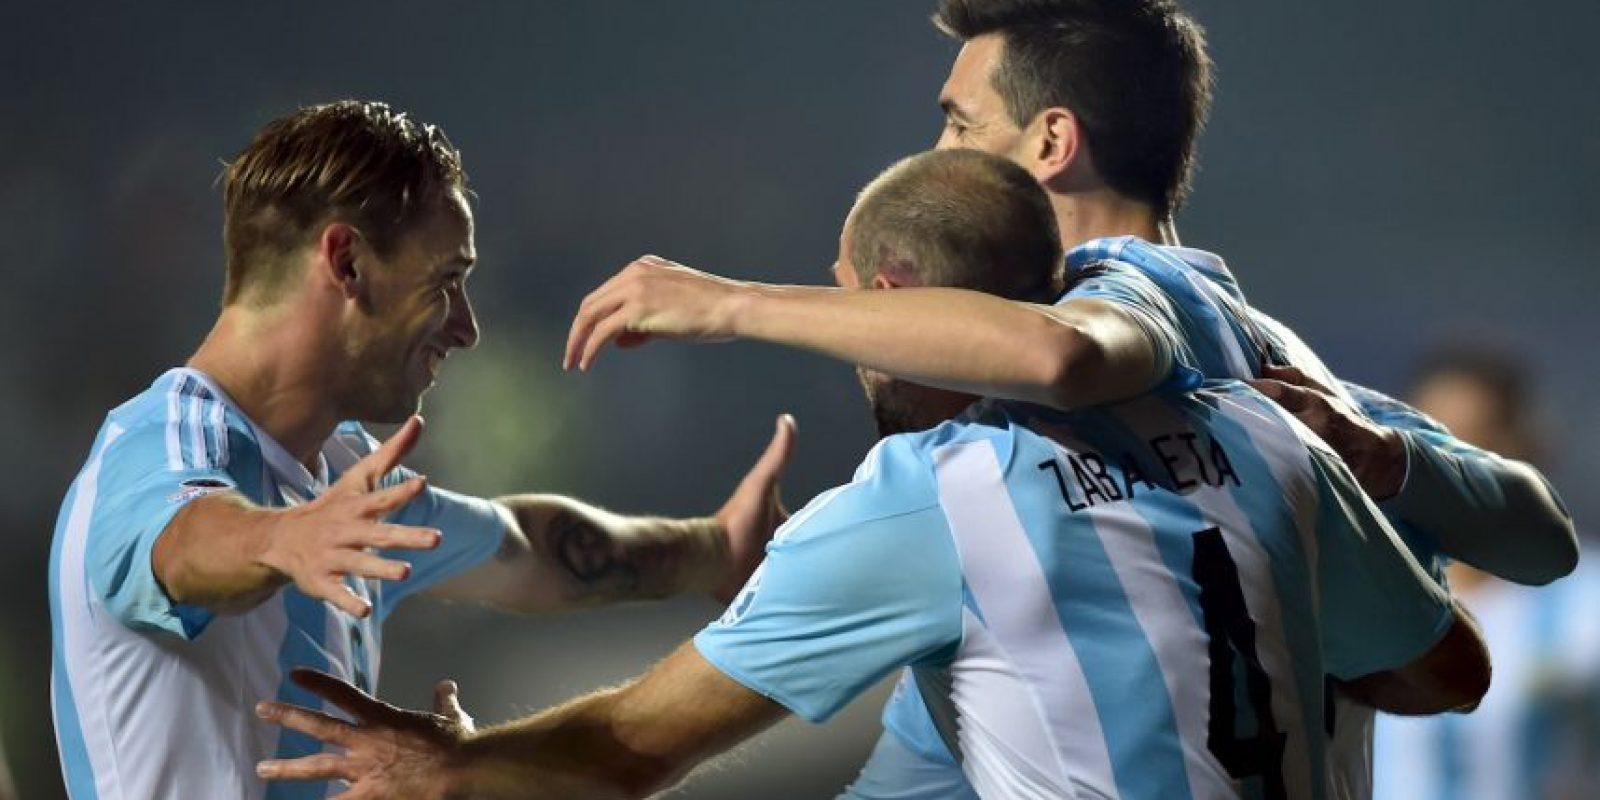 El partido se jugará en Concepción, Chile Foto:AFP